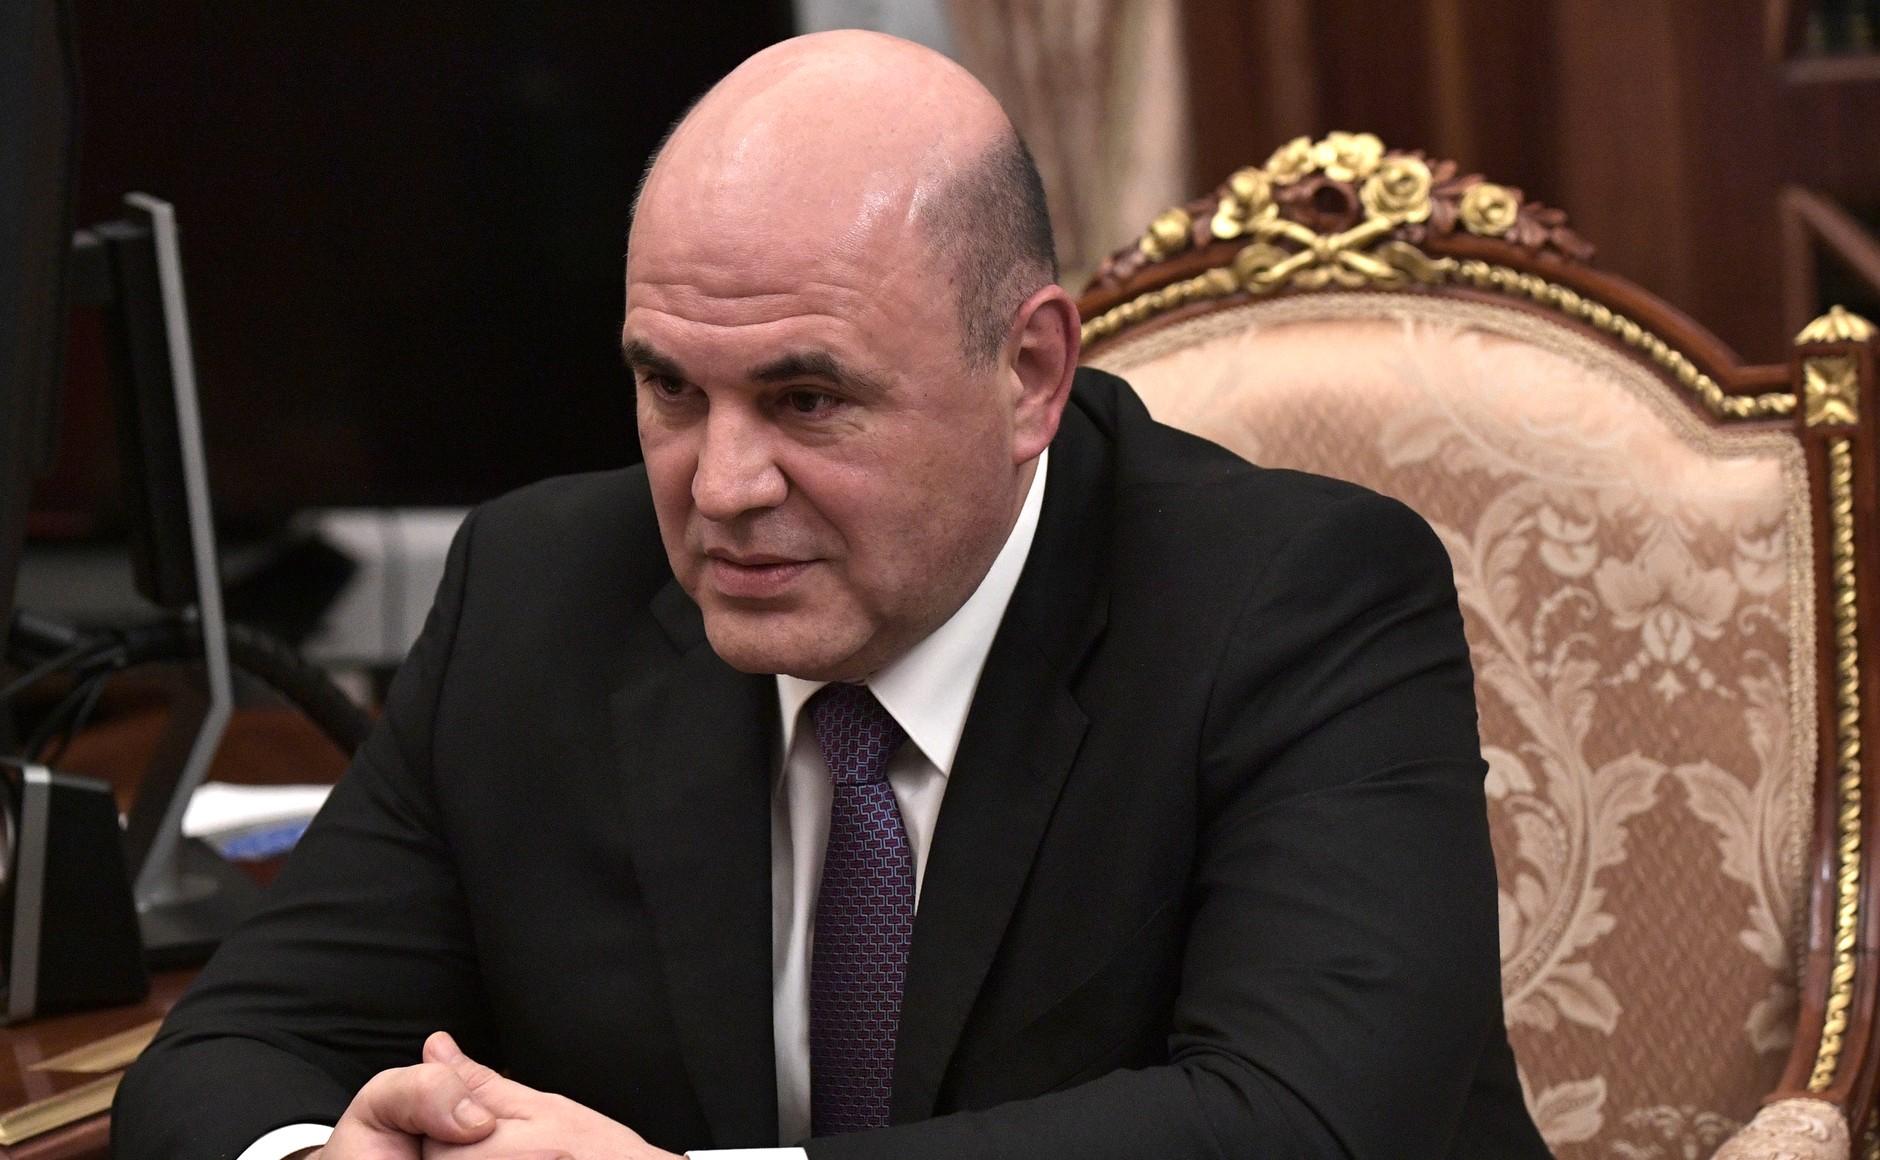 Wladimir Putin ernennt einen neuen Ministerpräsidenten von Russland